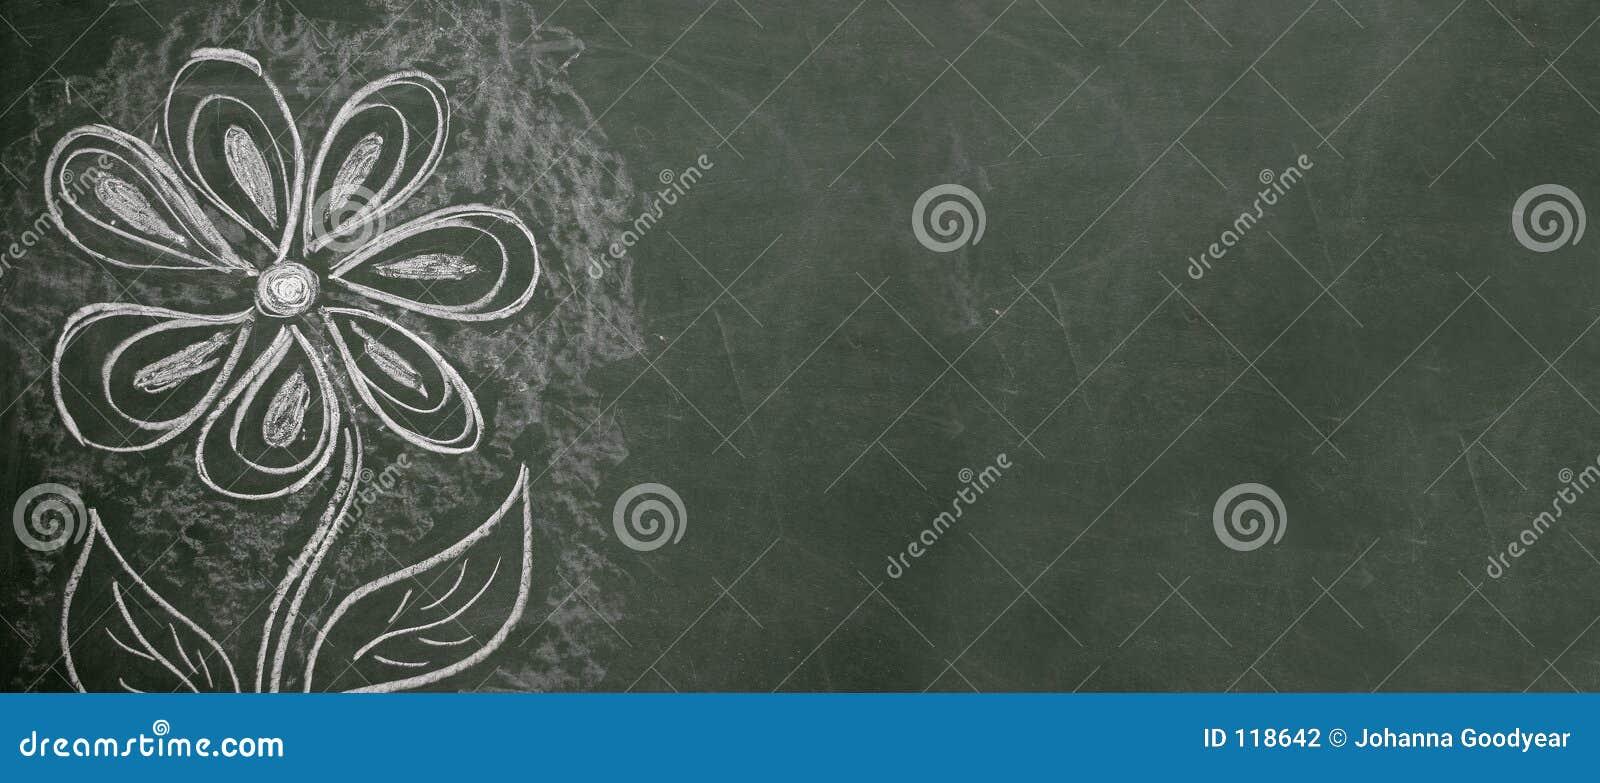 Tafel-Zeichnung